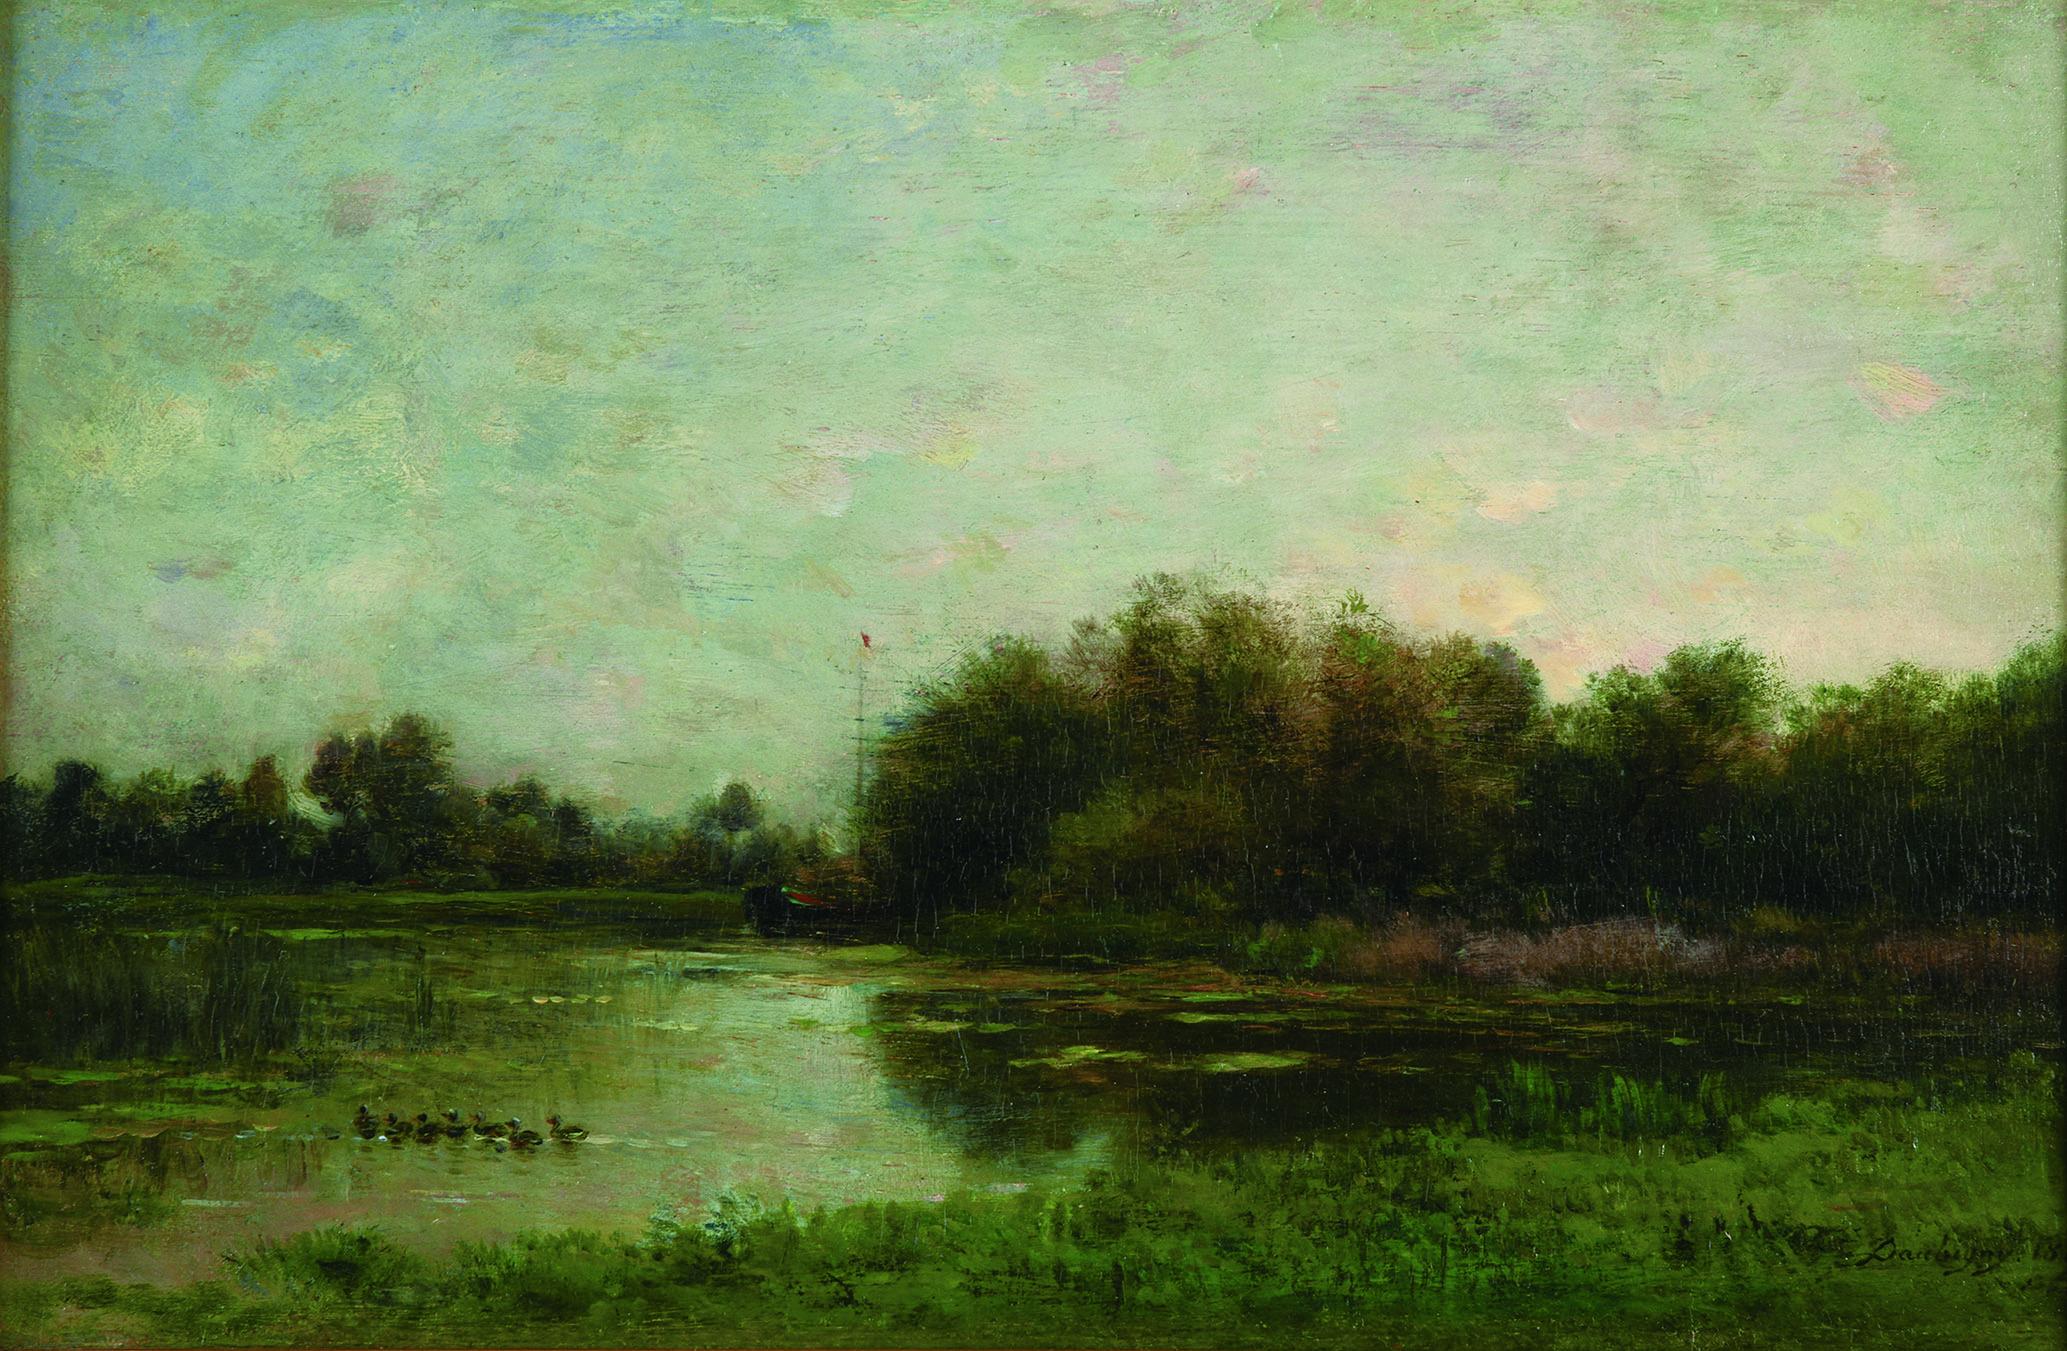 シャルル=フランソワ・ドービニー 《オワーズ河畔》 1860年 油彩/板 21.3×33㎝ ランス美術館 (C)Christian Devleeschauwer